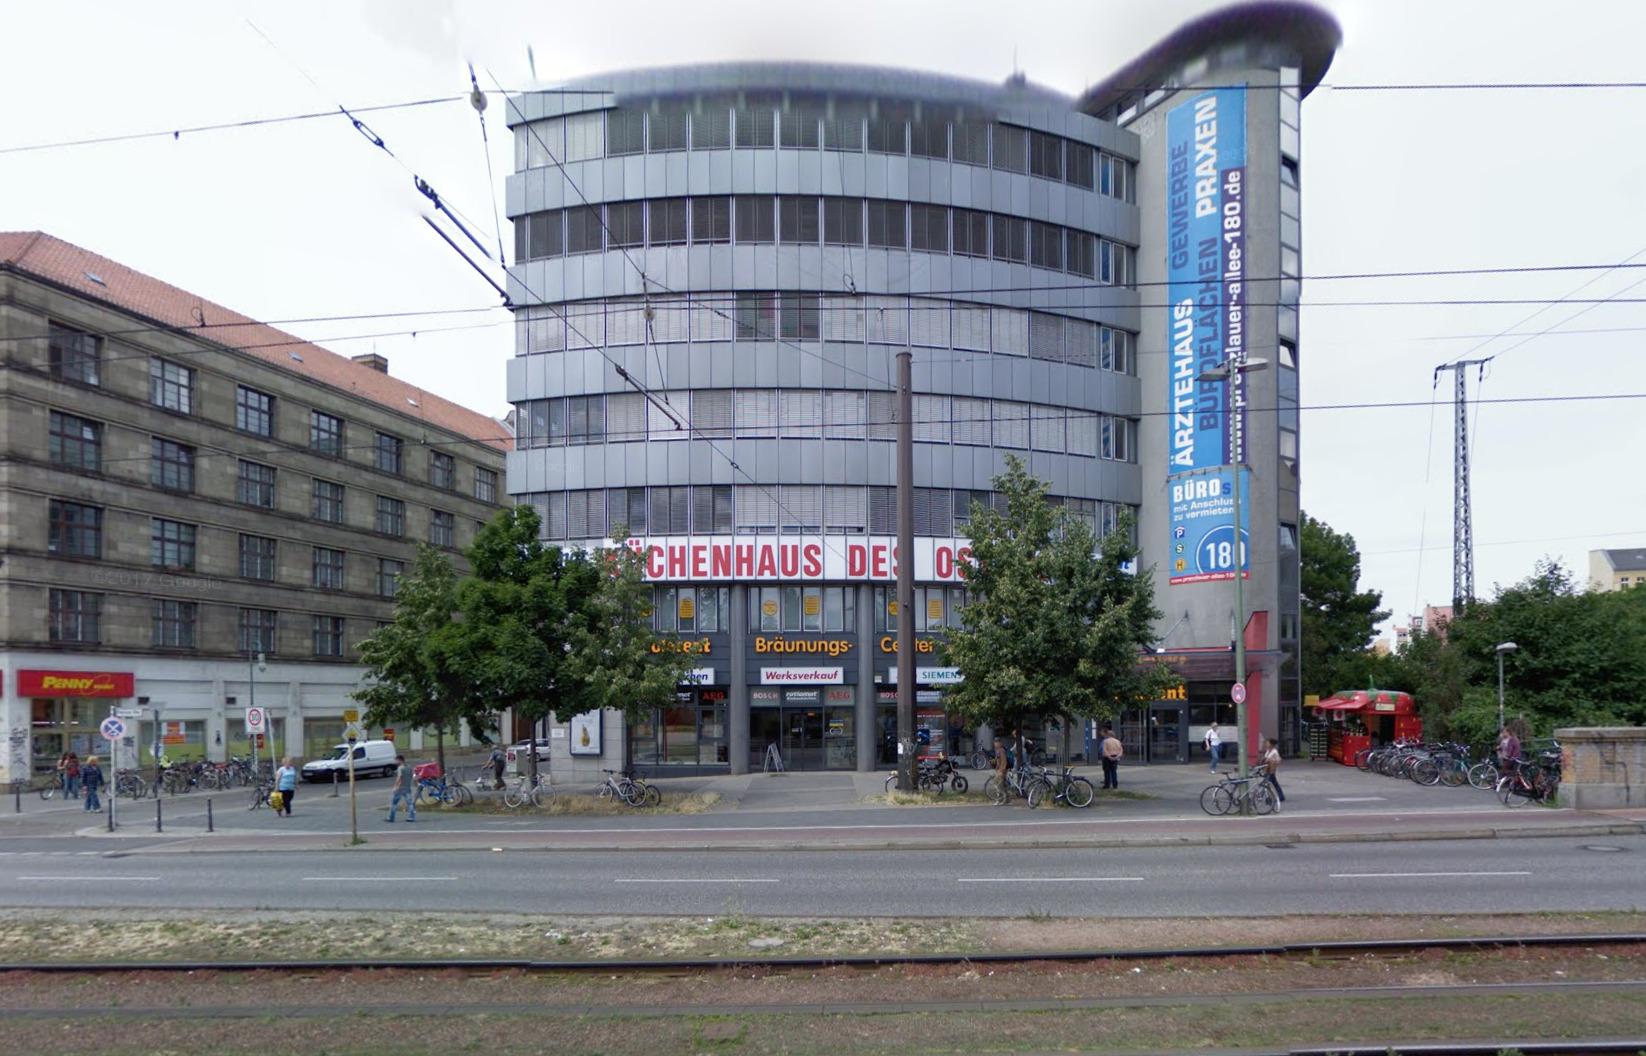 Офісна будівля в котрій знаходиться Praxis am Planetarium. Фото: Google Maps